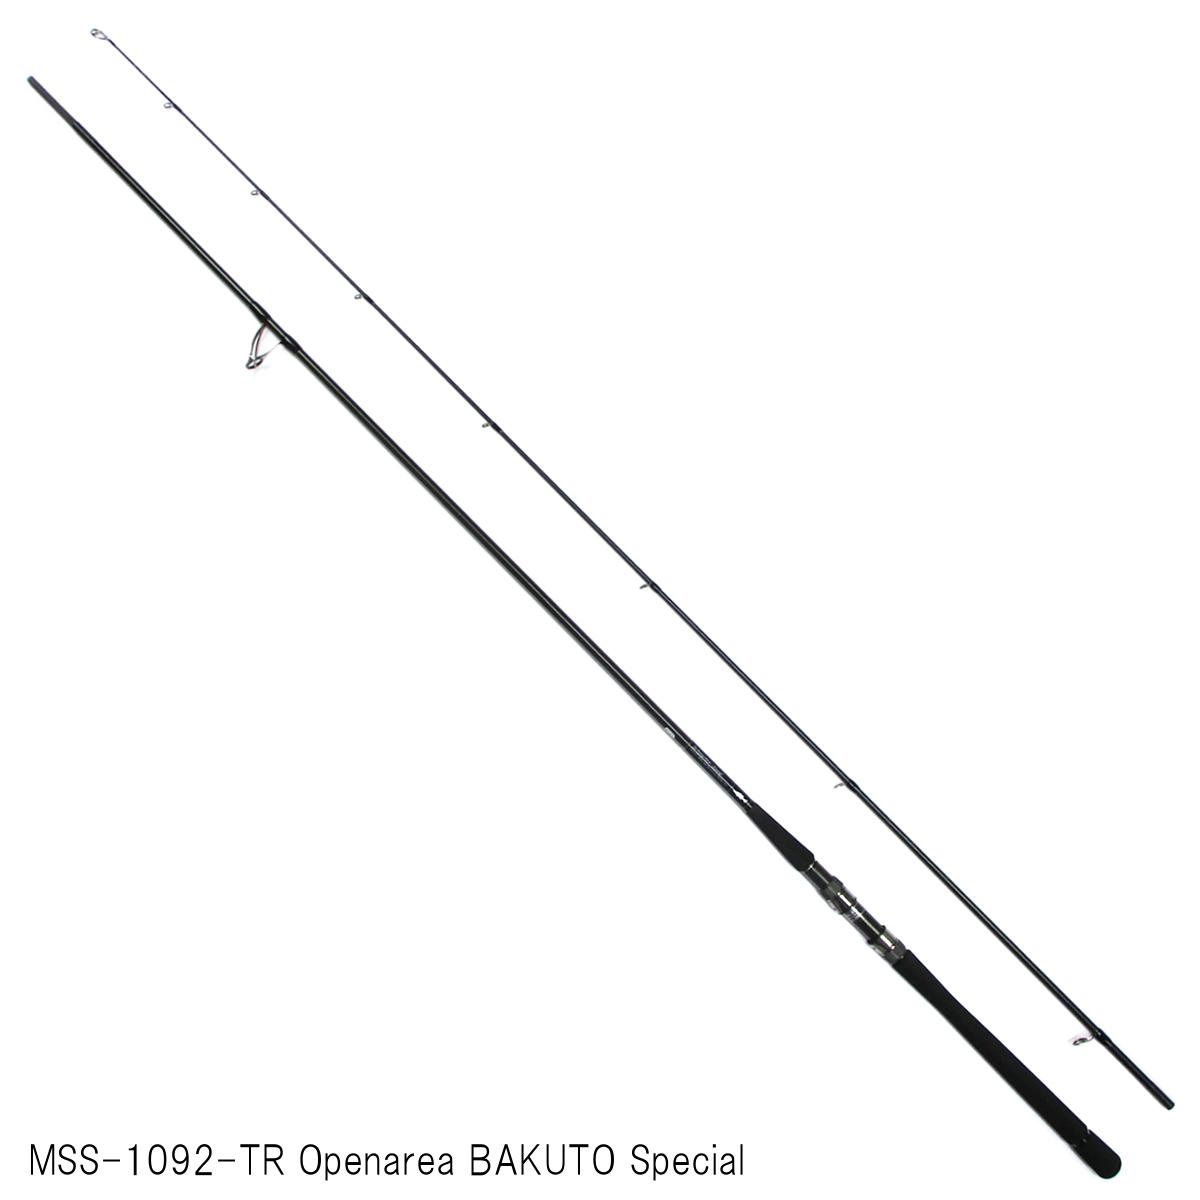 ジークラフト セブンセンスTR モンスターサーフ MSS-1092-TR Openarea BAKUTO Special【大型商品】